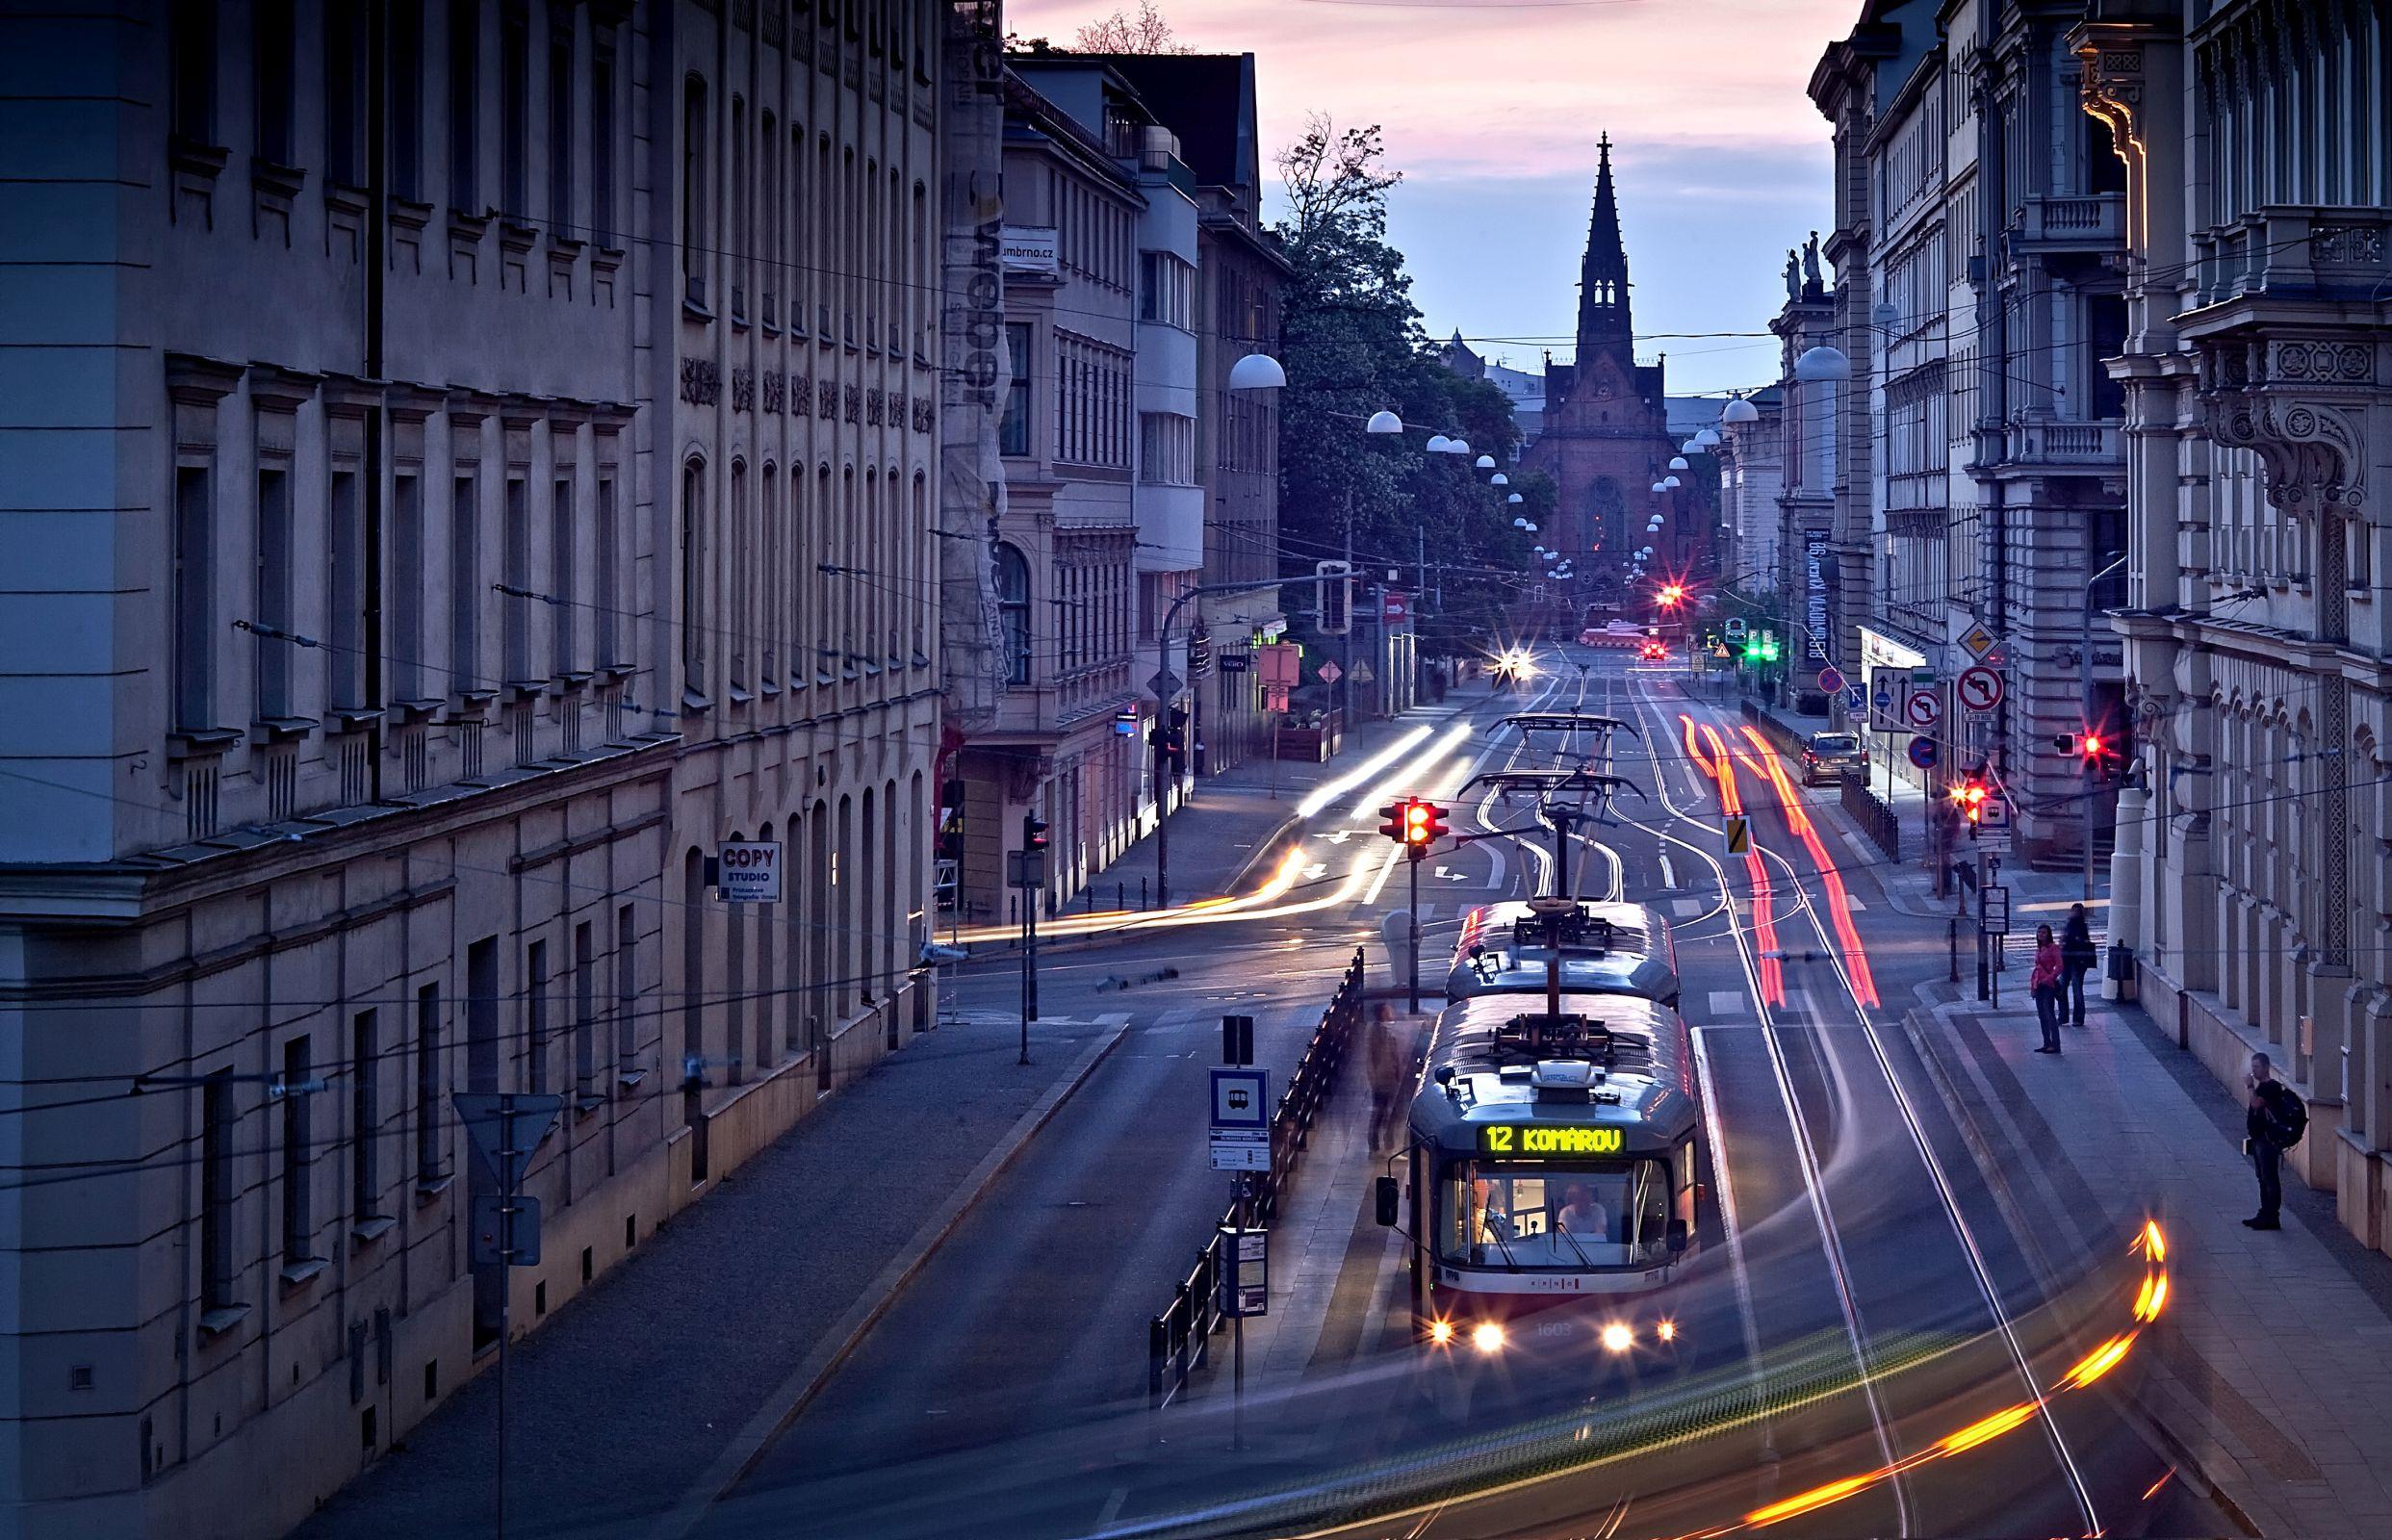 Šilinger Square (Šilingrovo náměstí) in Brno